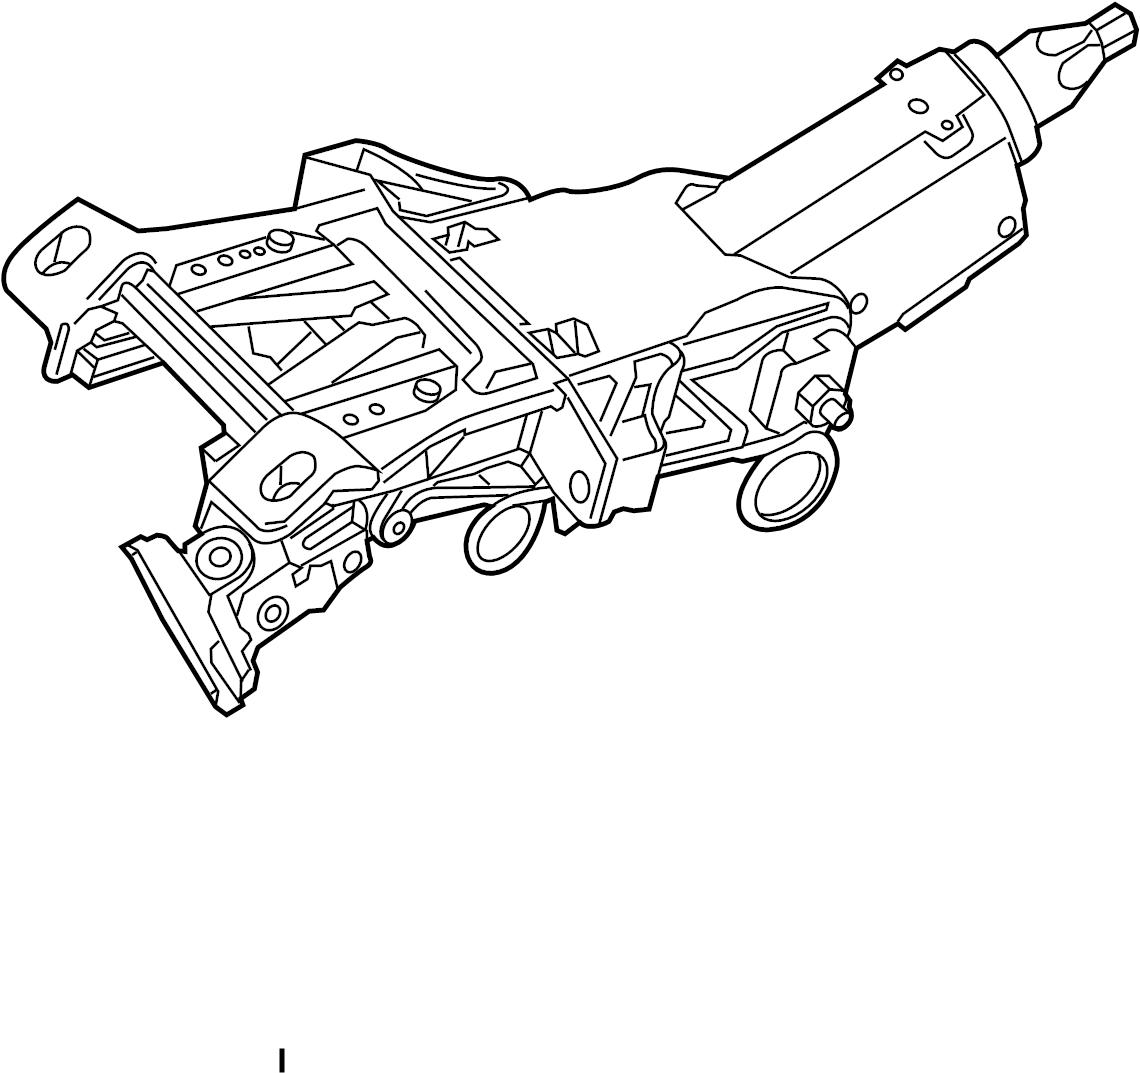 Da8z3c529f